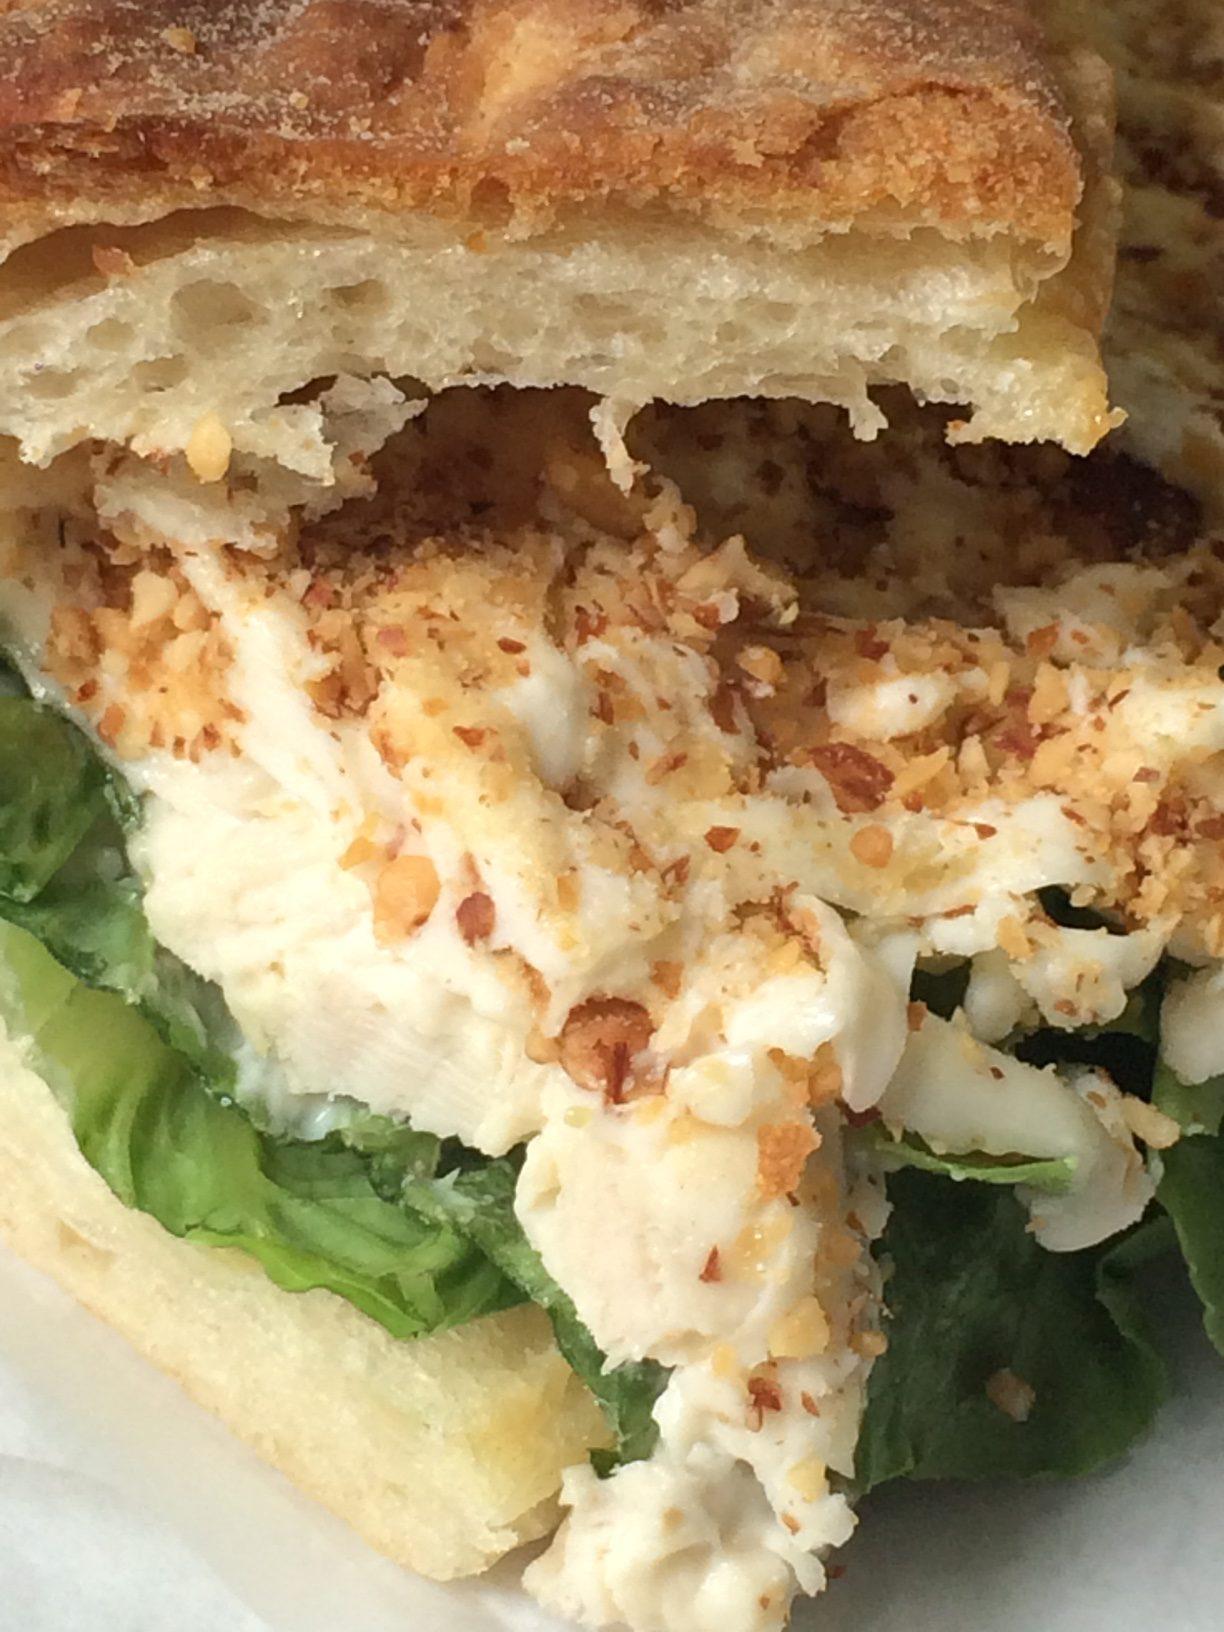 Toasted Almond Chicken Salad Sandwich